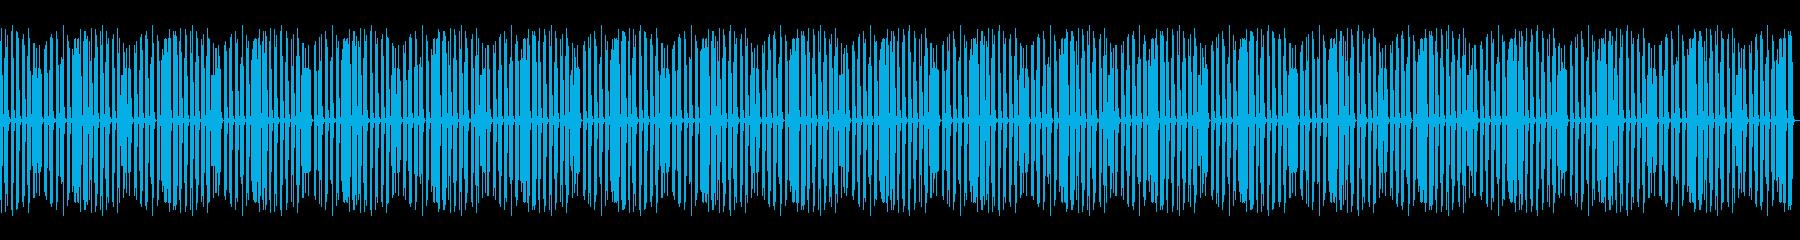 知育・シンプル・パズル・日常ピアノ33Lの再生済みの波形